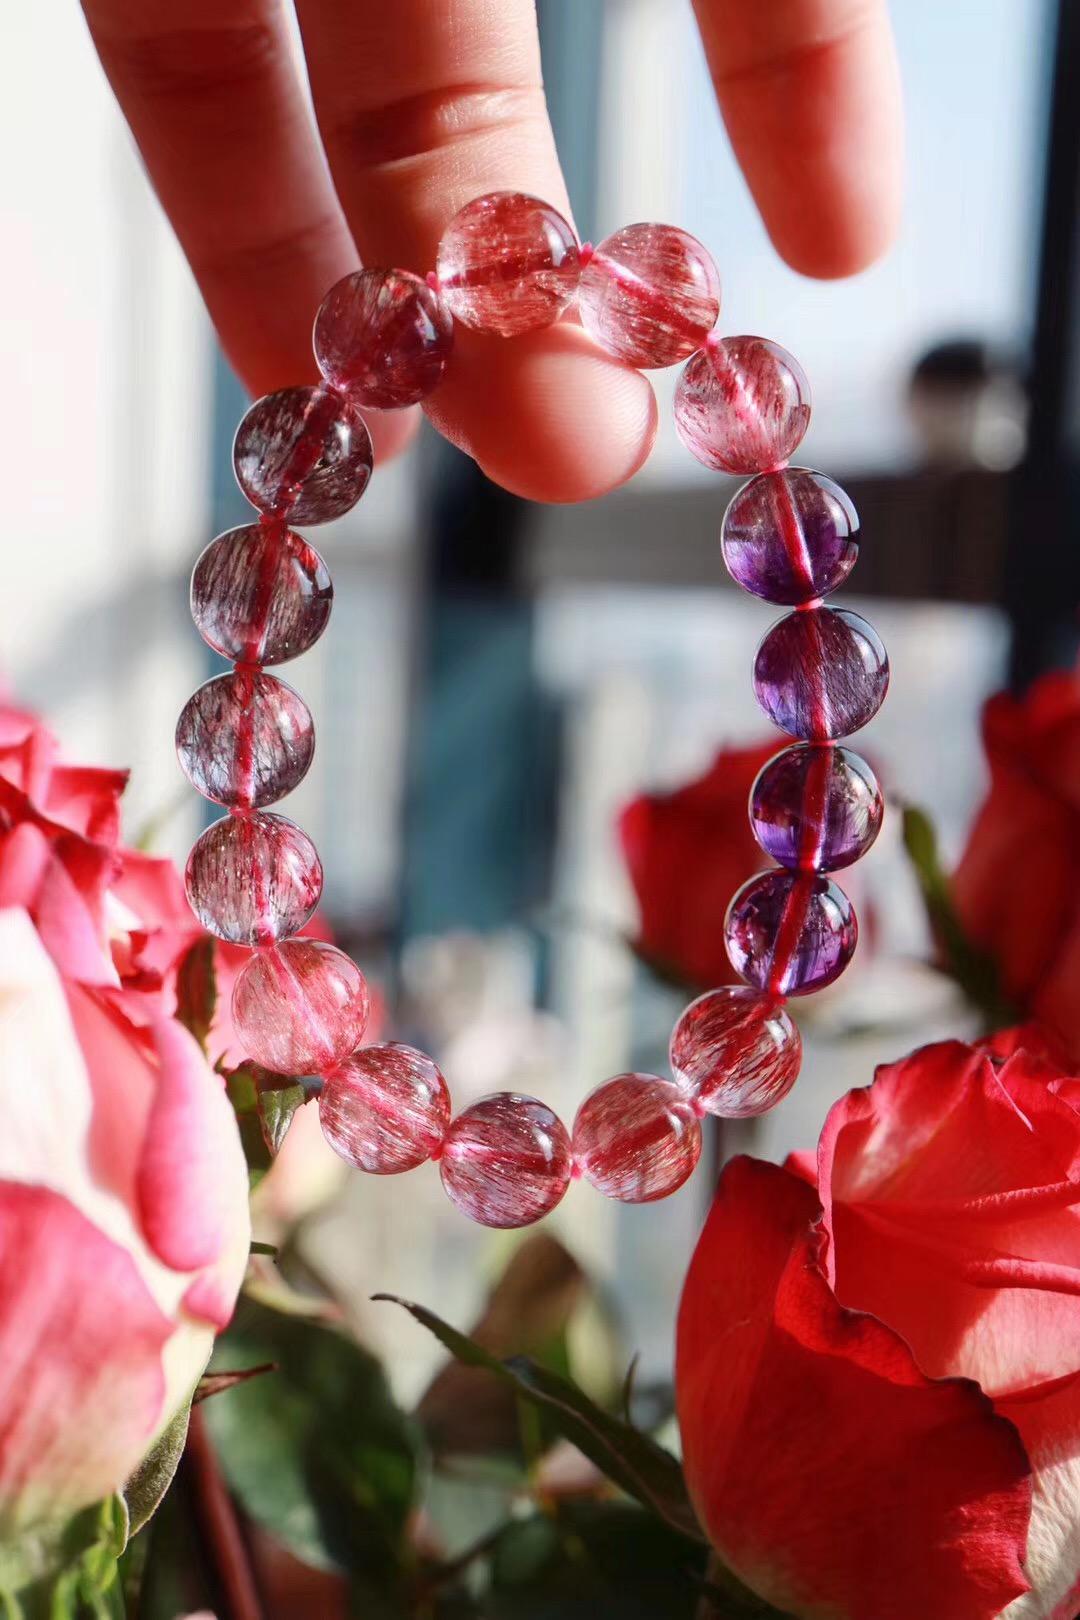 【超七紫发晶】年底压轴的极品紫发晶,纯正紫、红、黑三色-菩心晶舍